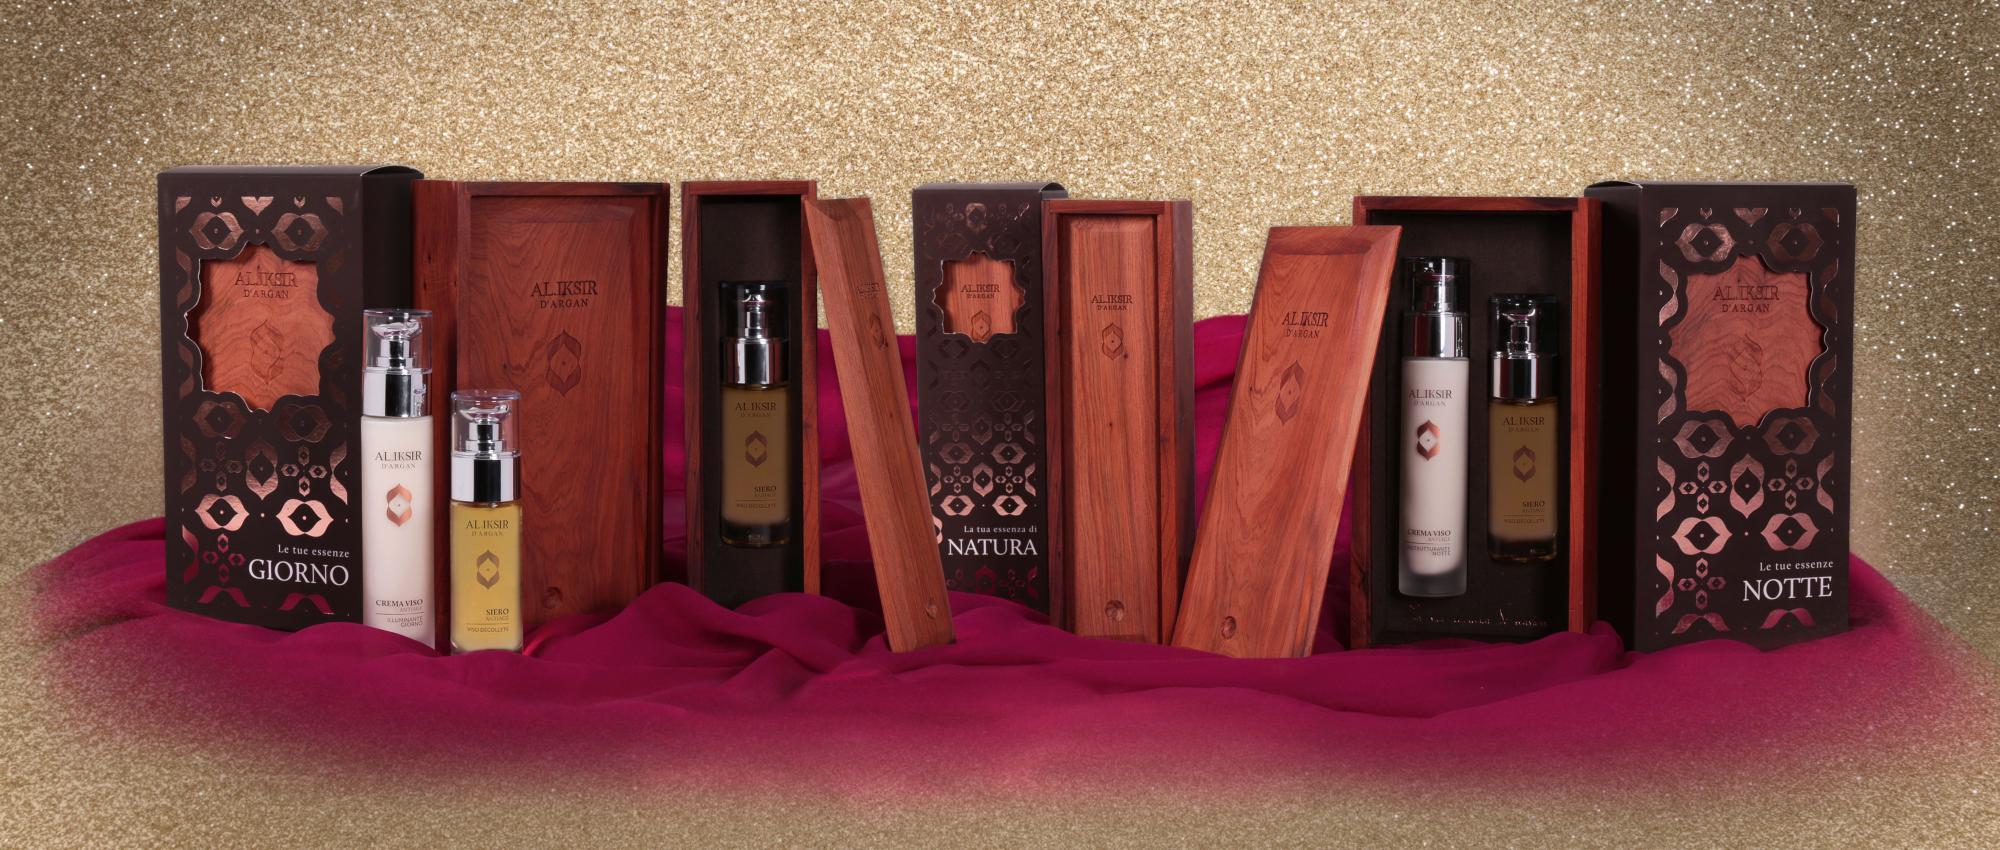 Creme ed oli artigianali in confezioni di pregiatissimo legno marocchino